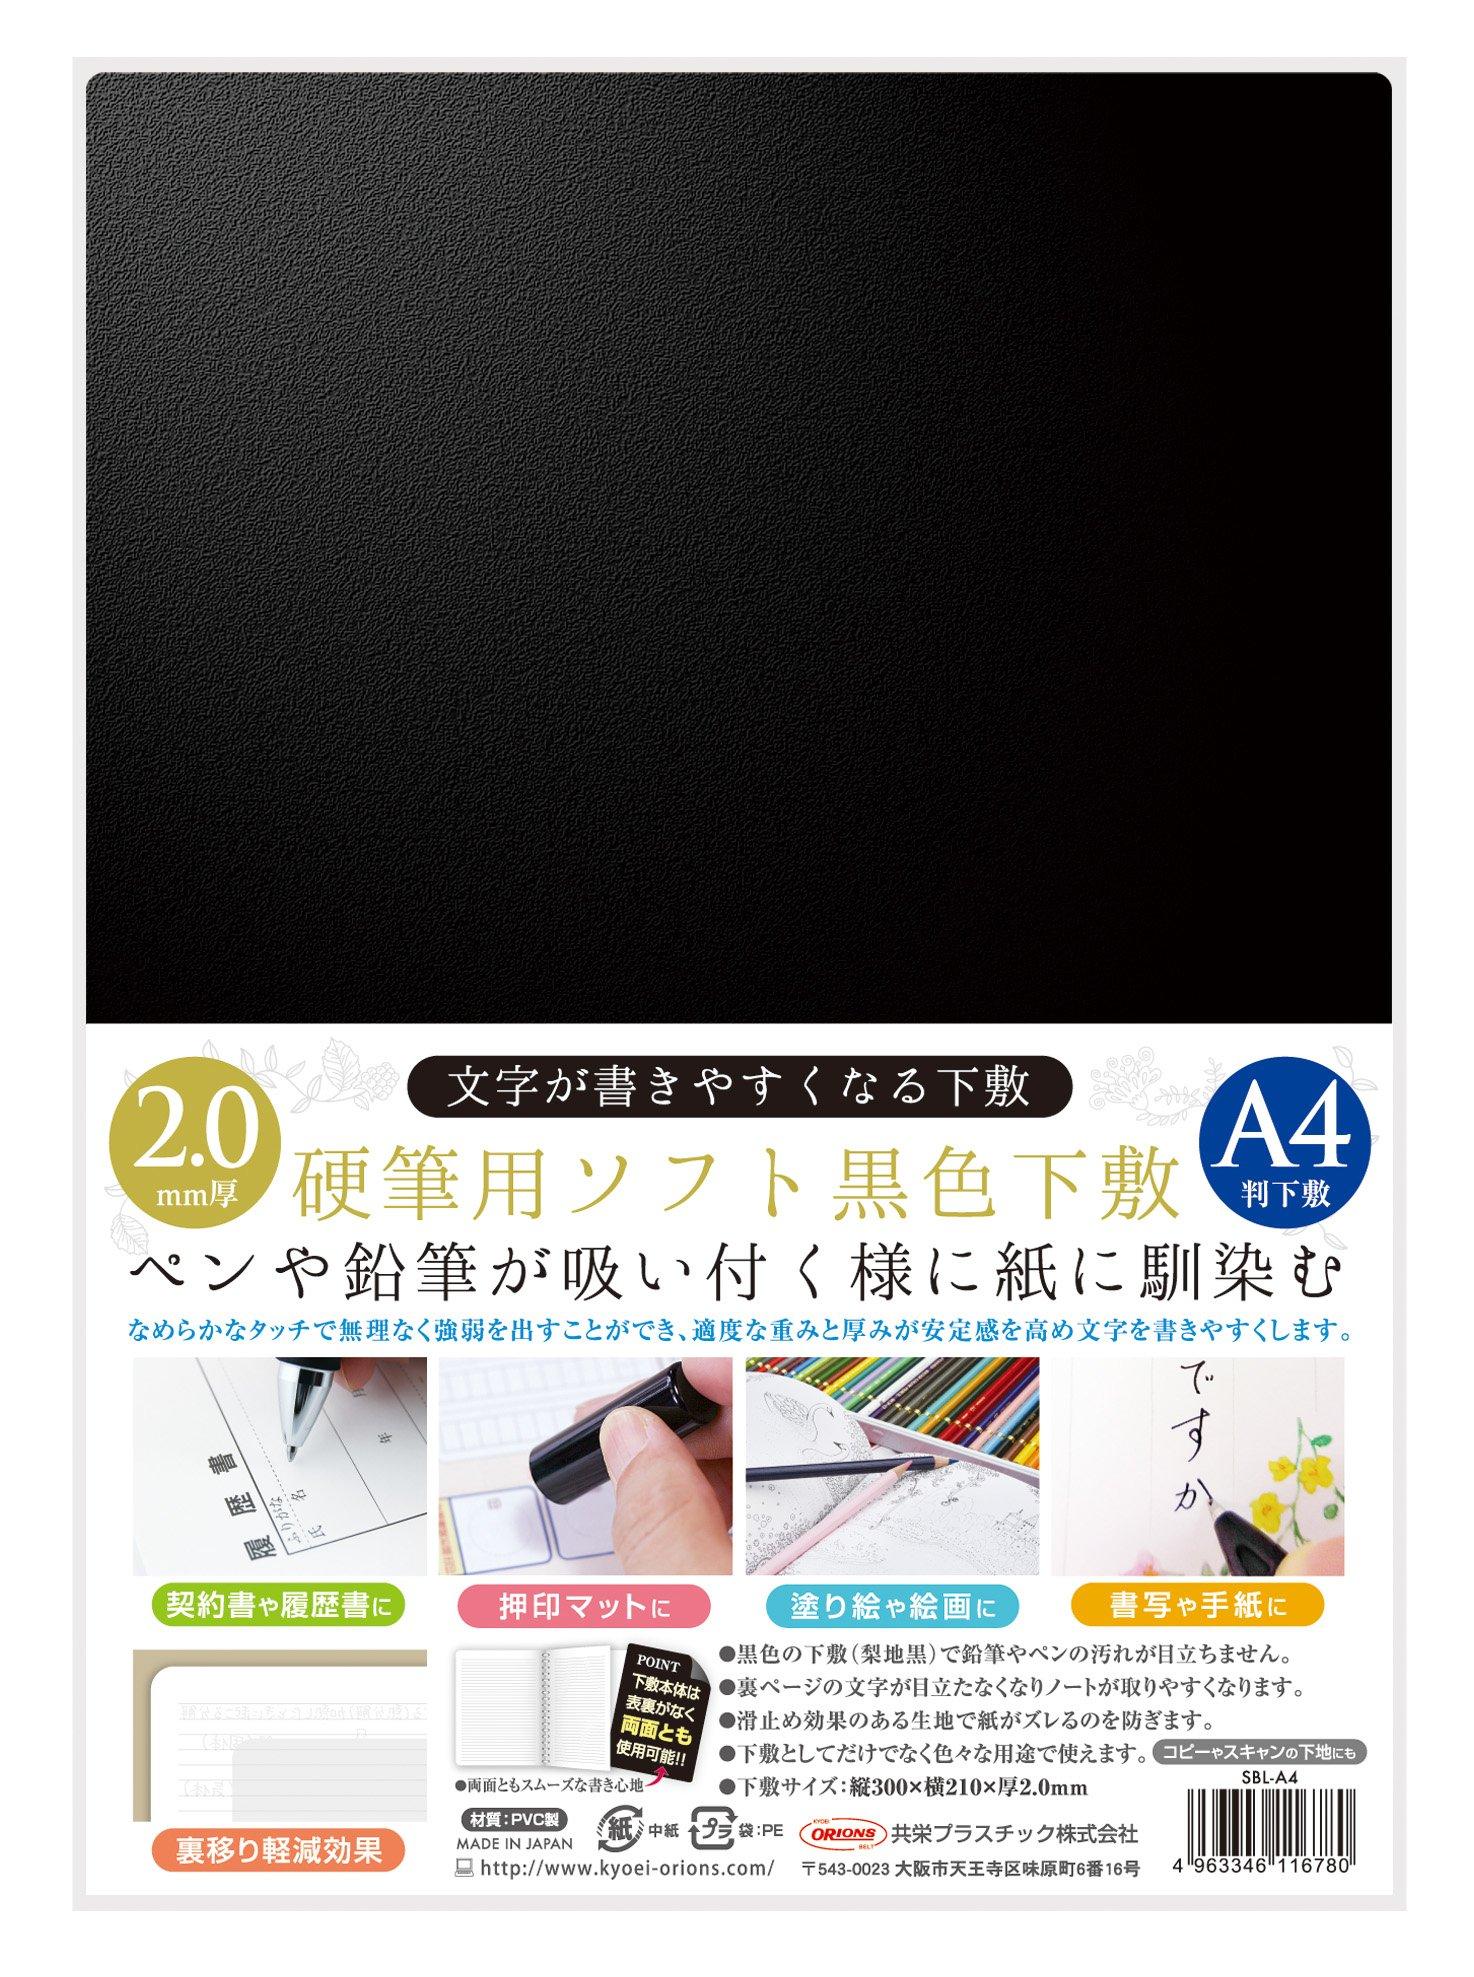 オリオンズ 硬筆用 ソフト A4 黒色 SBL-A4 1セット 2枚 共栄プラスチック